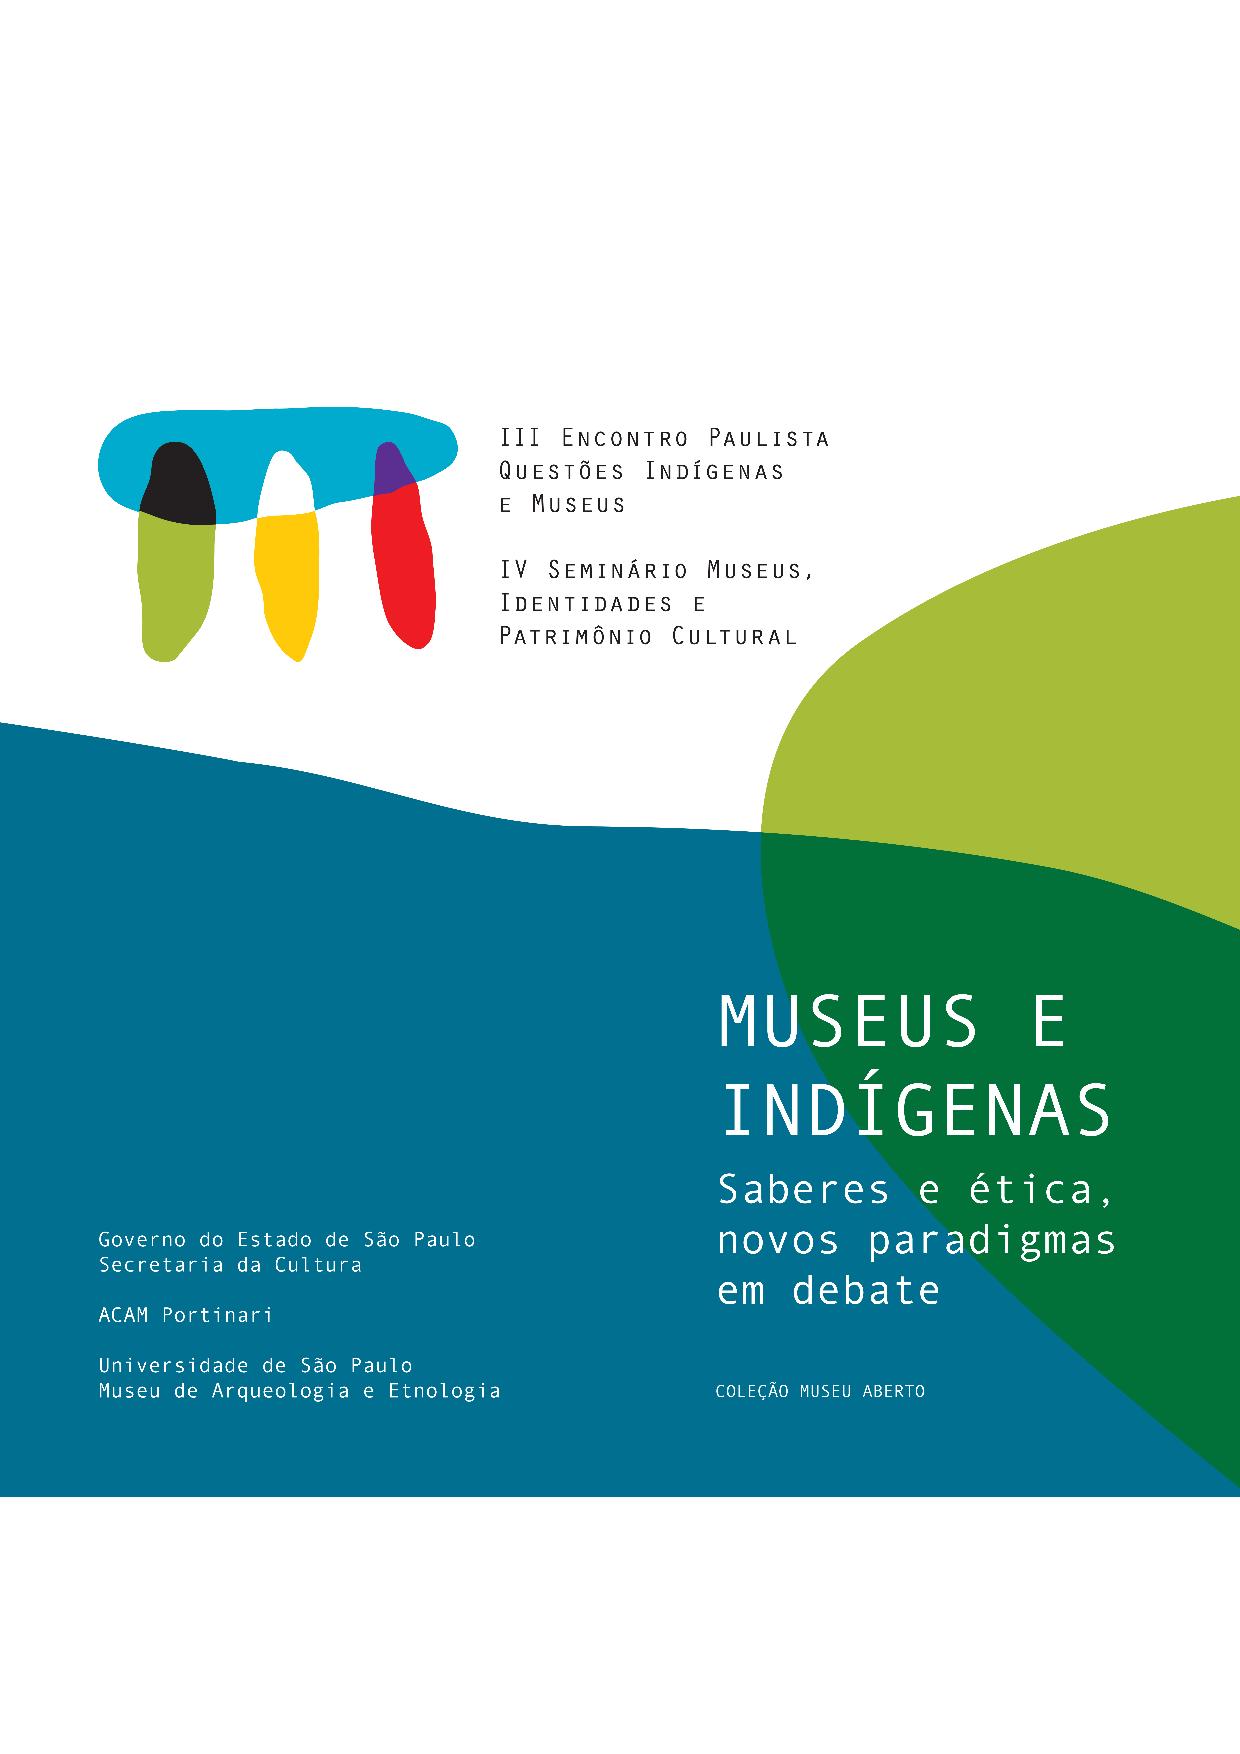 Museus e indígenas saberes e ética, novos paradigmas em debate